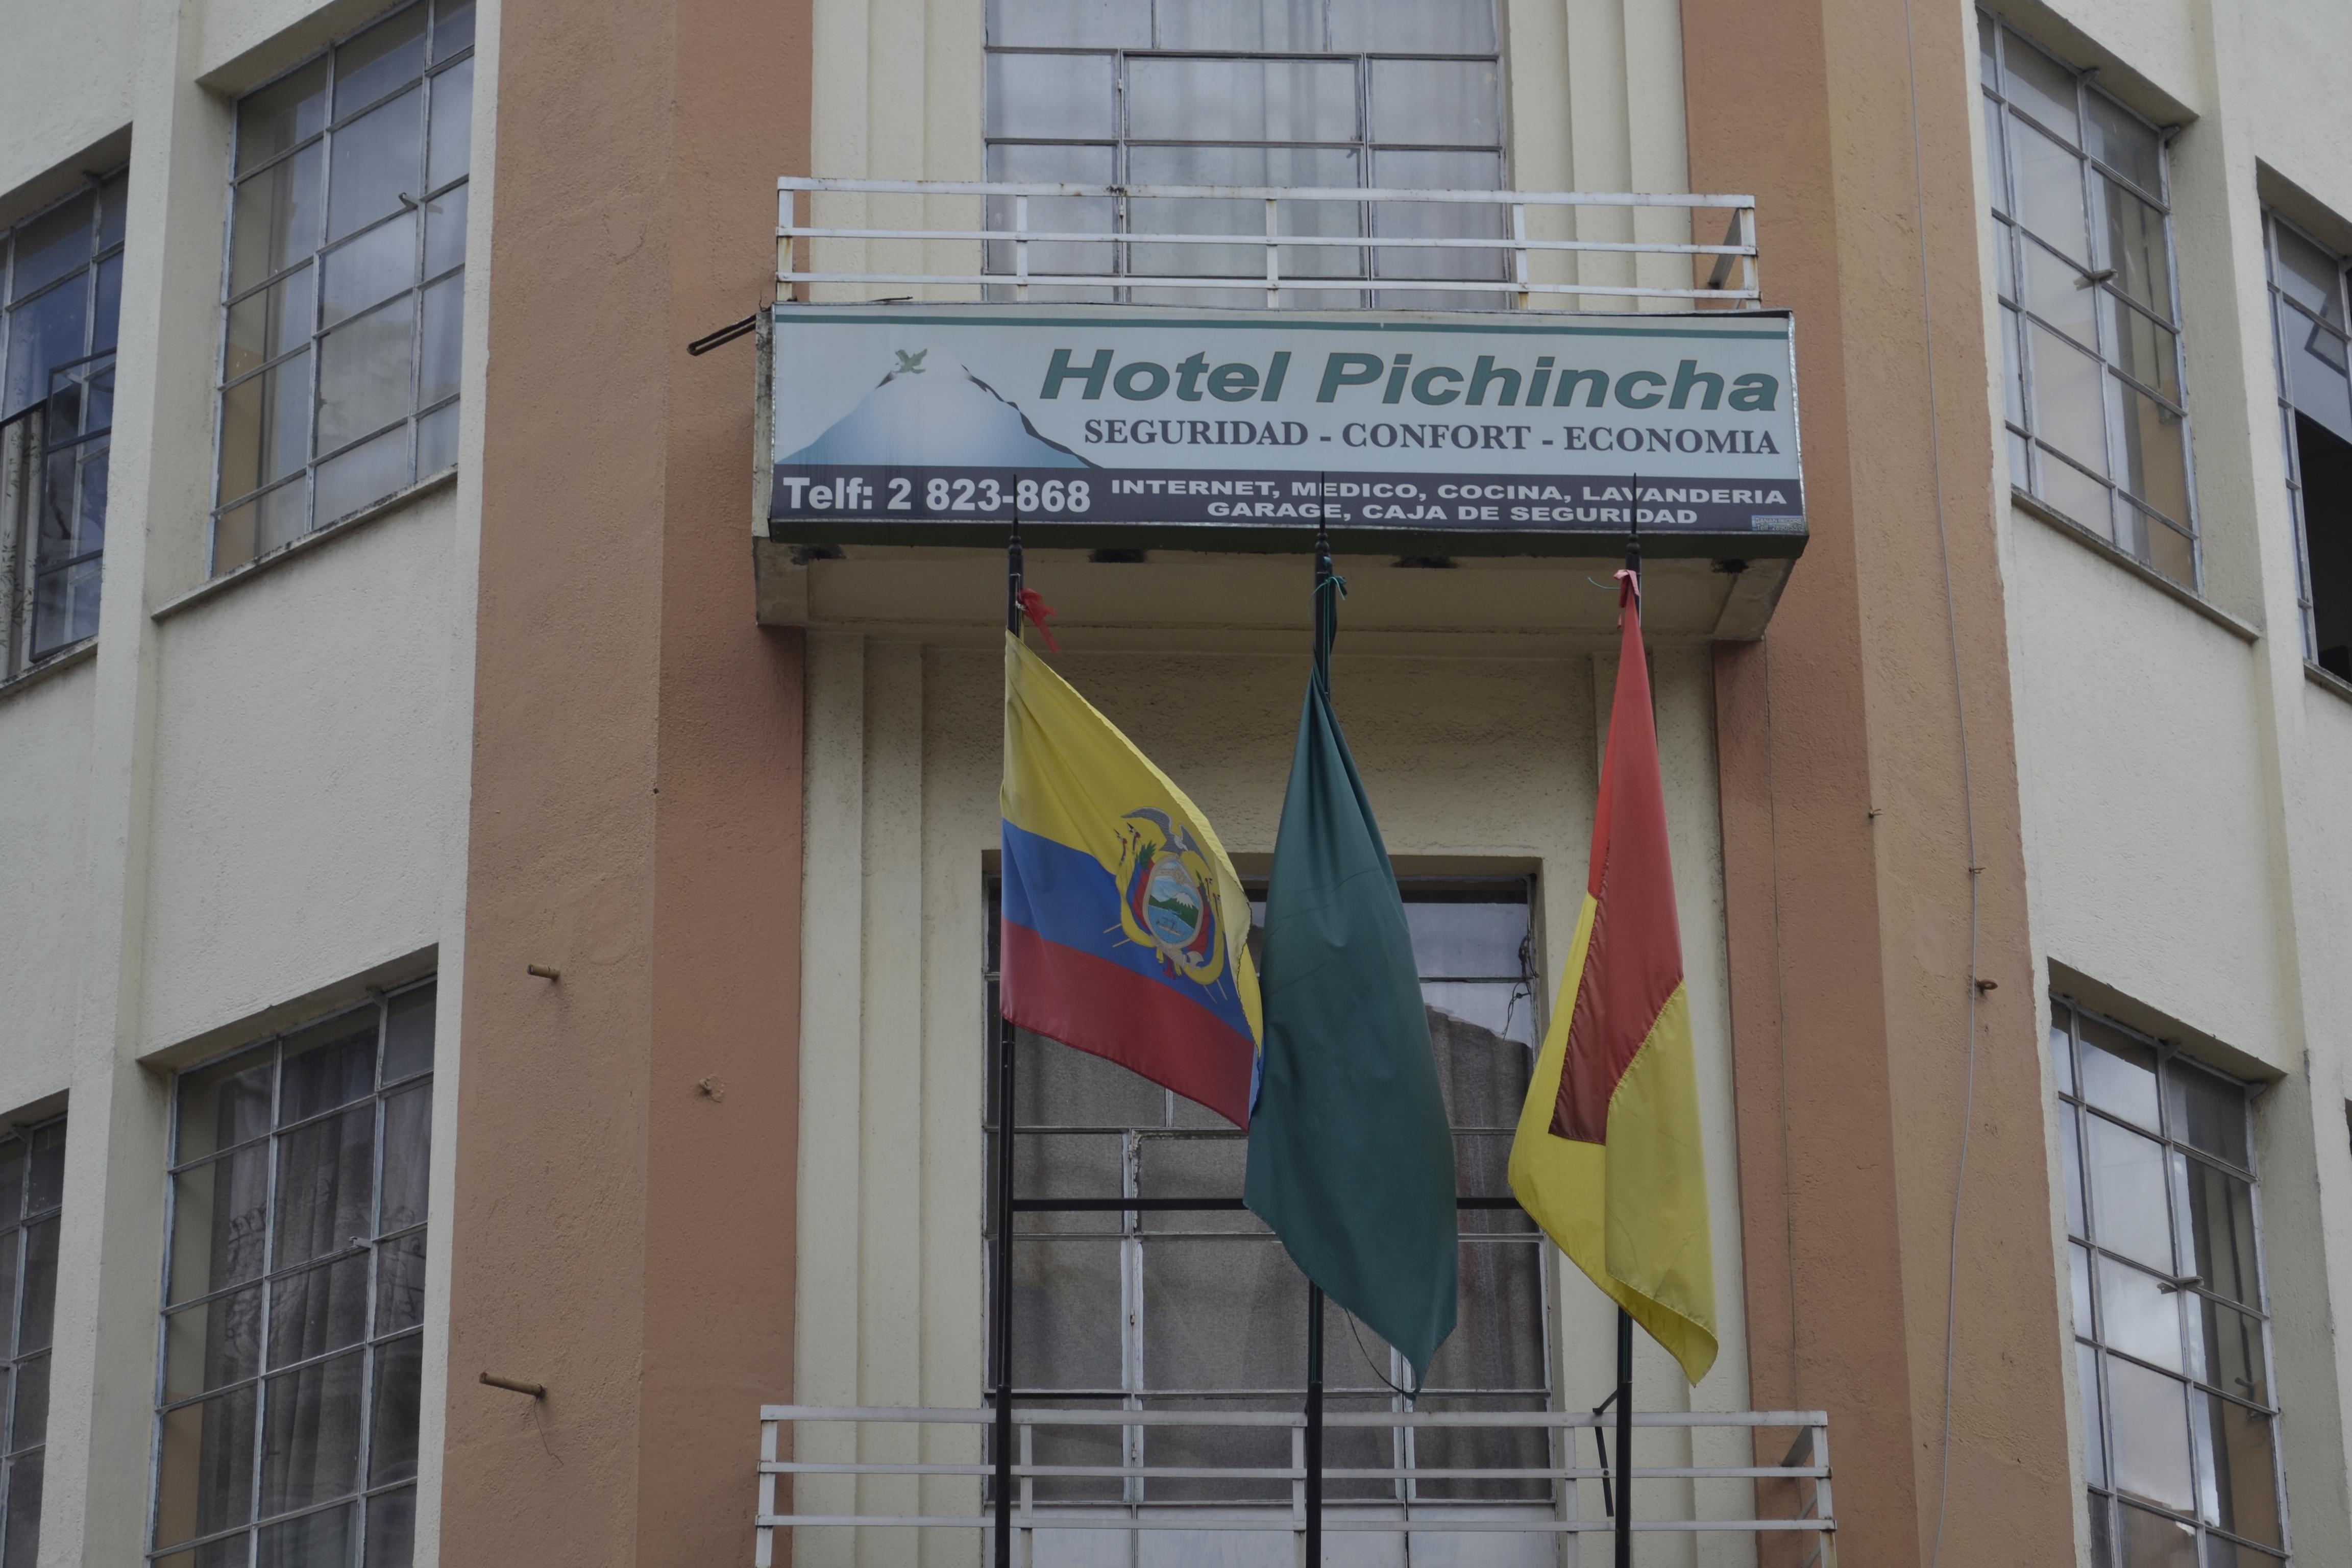 Hotel Pichincha